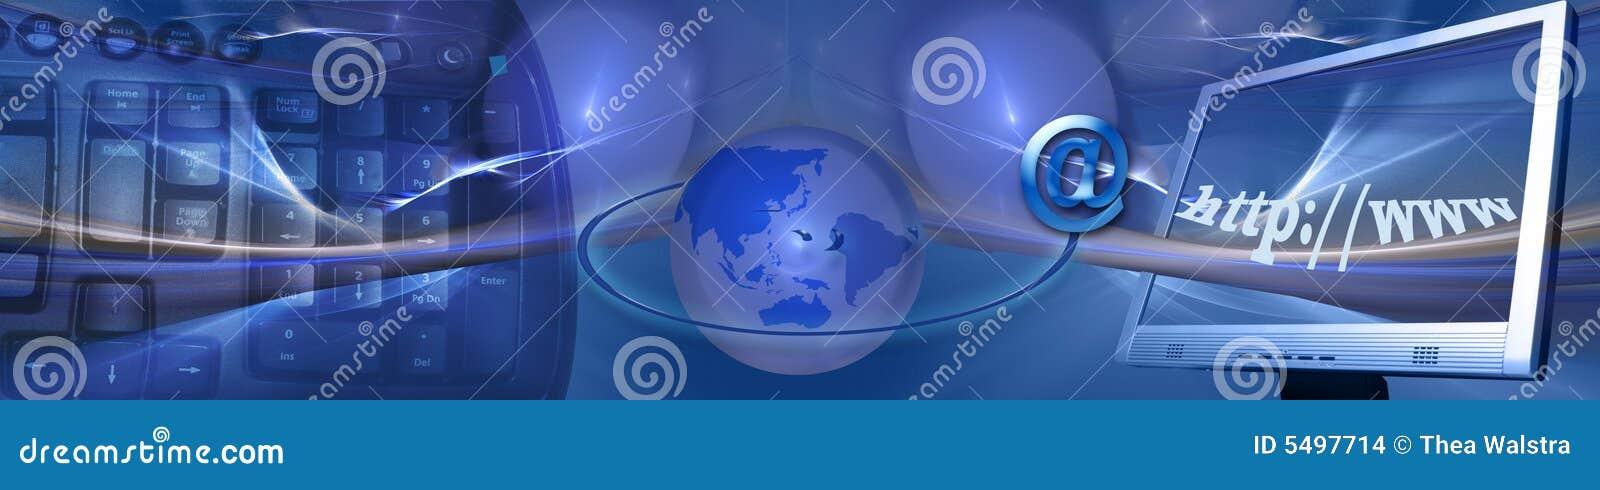 технология интернета коллектора соединений скоростная